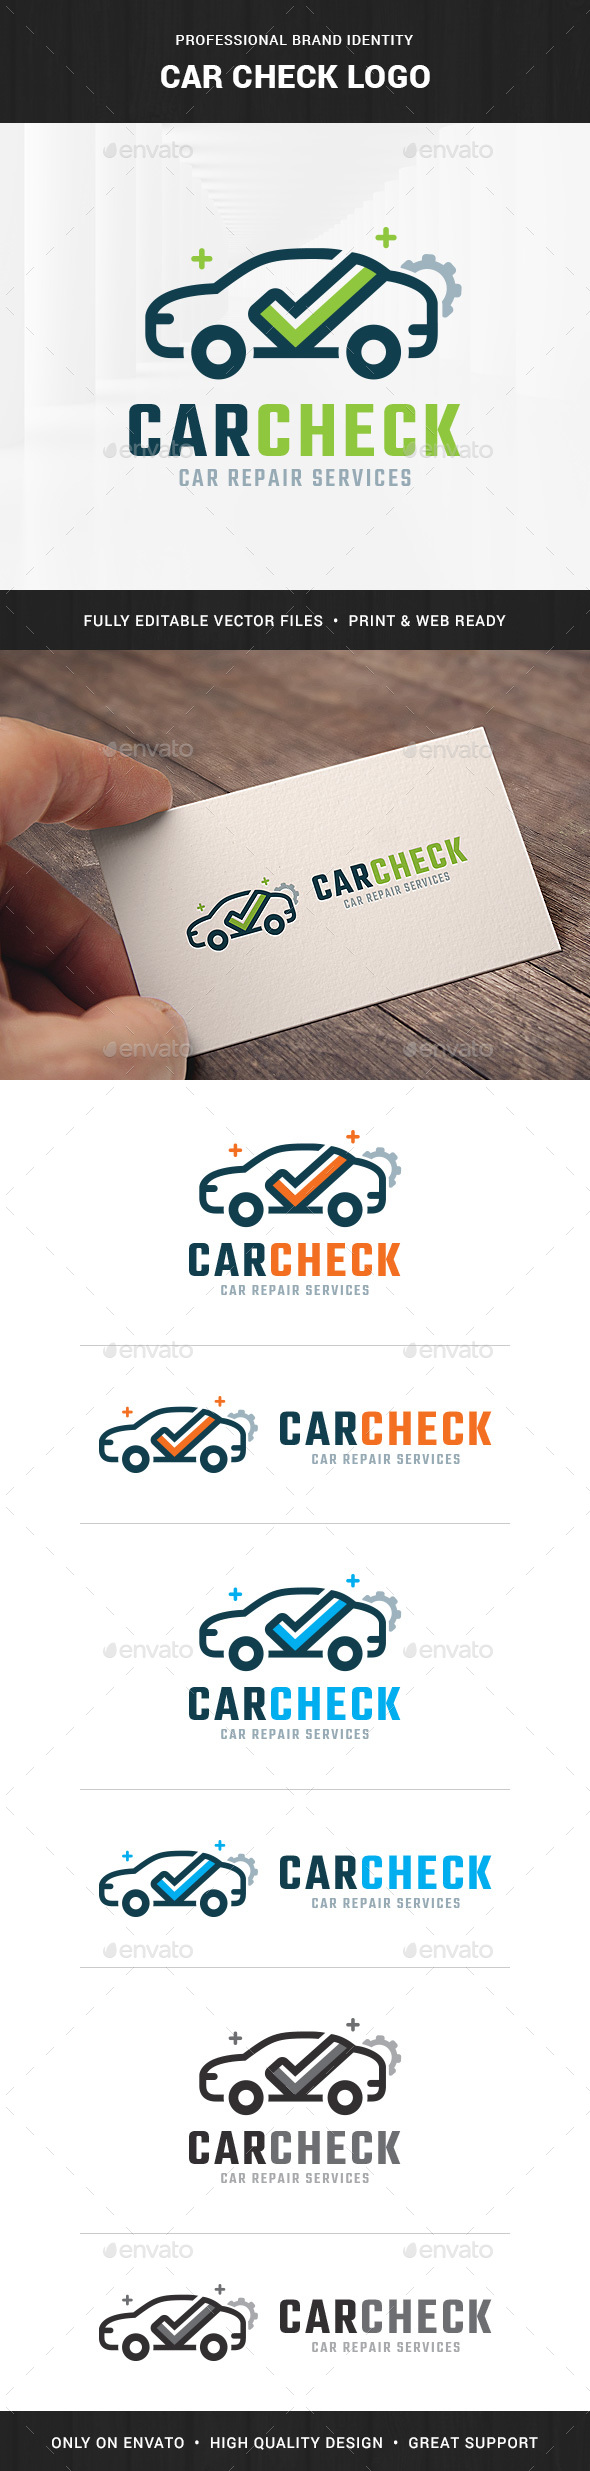 Car Check Logo Template